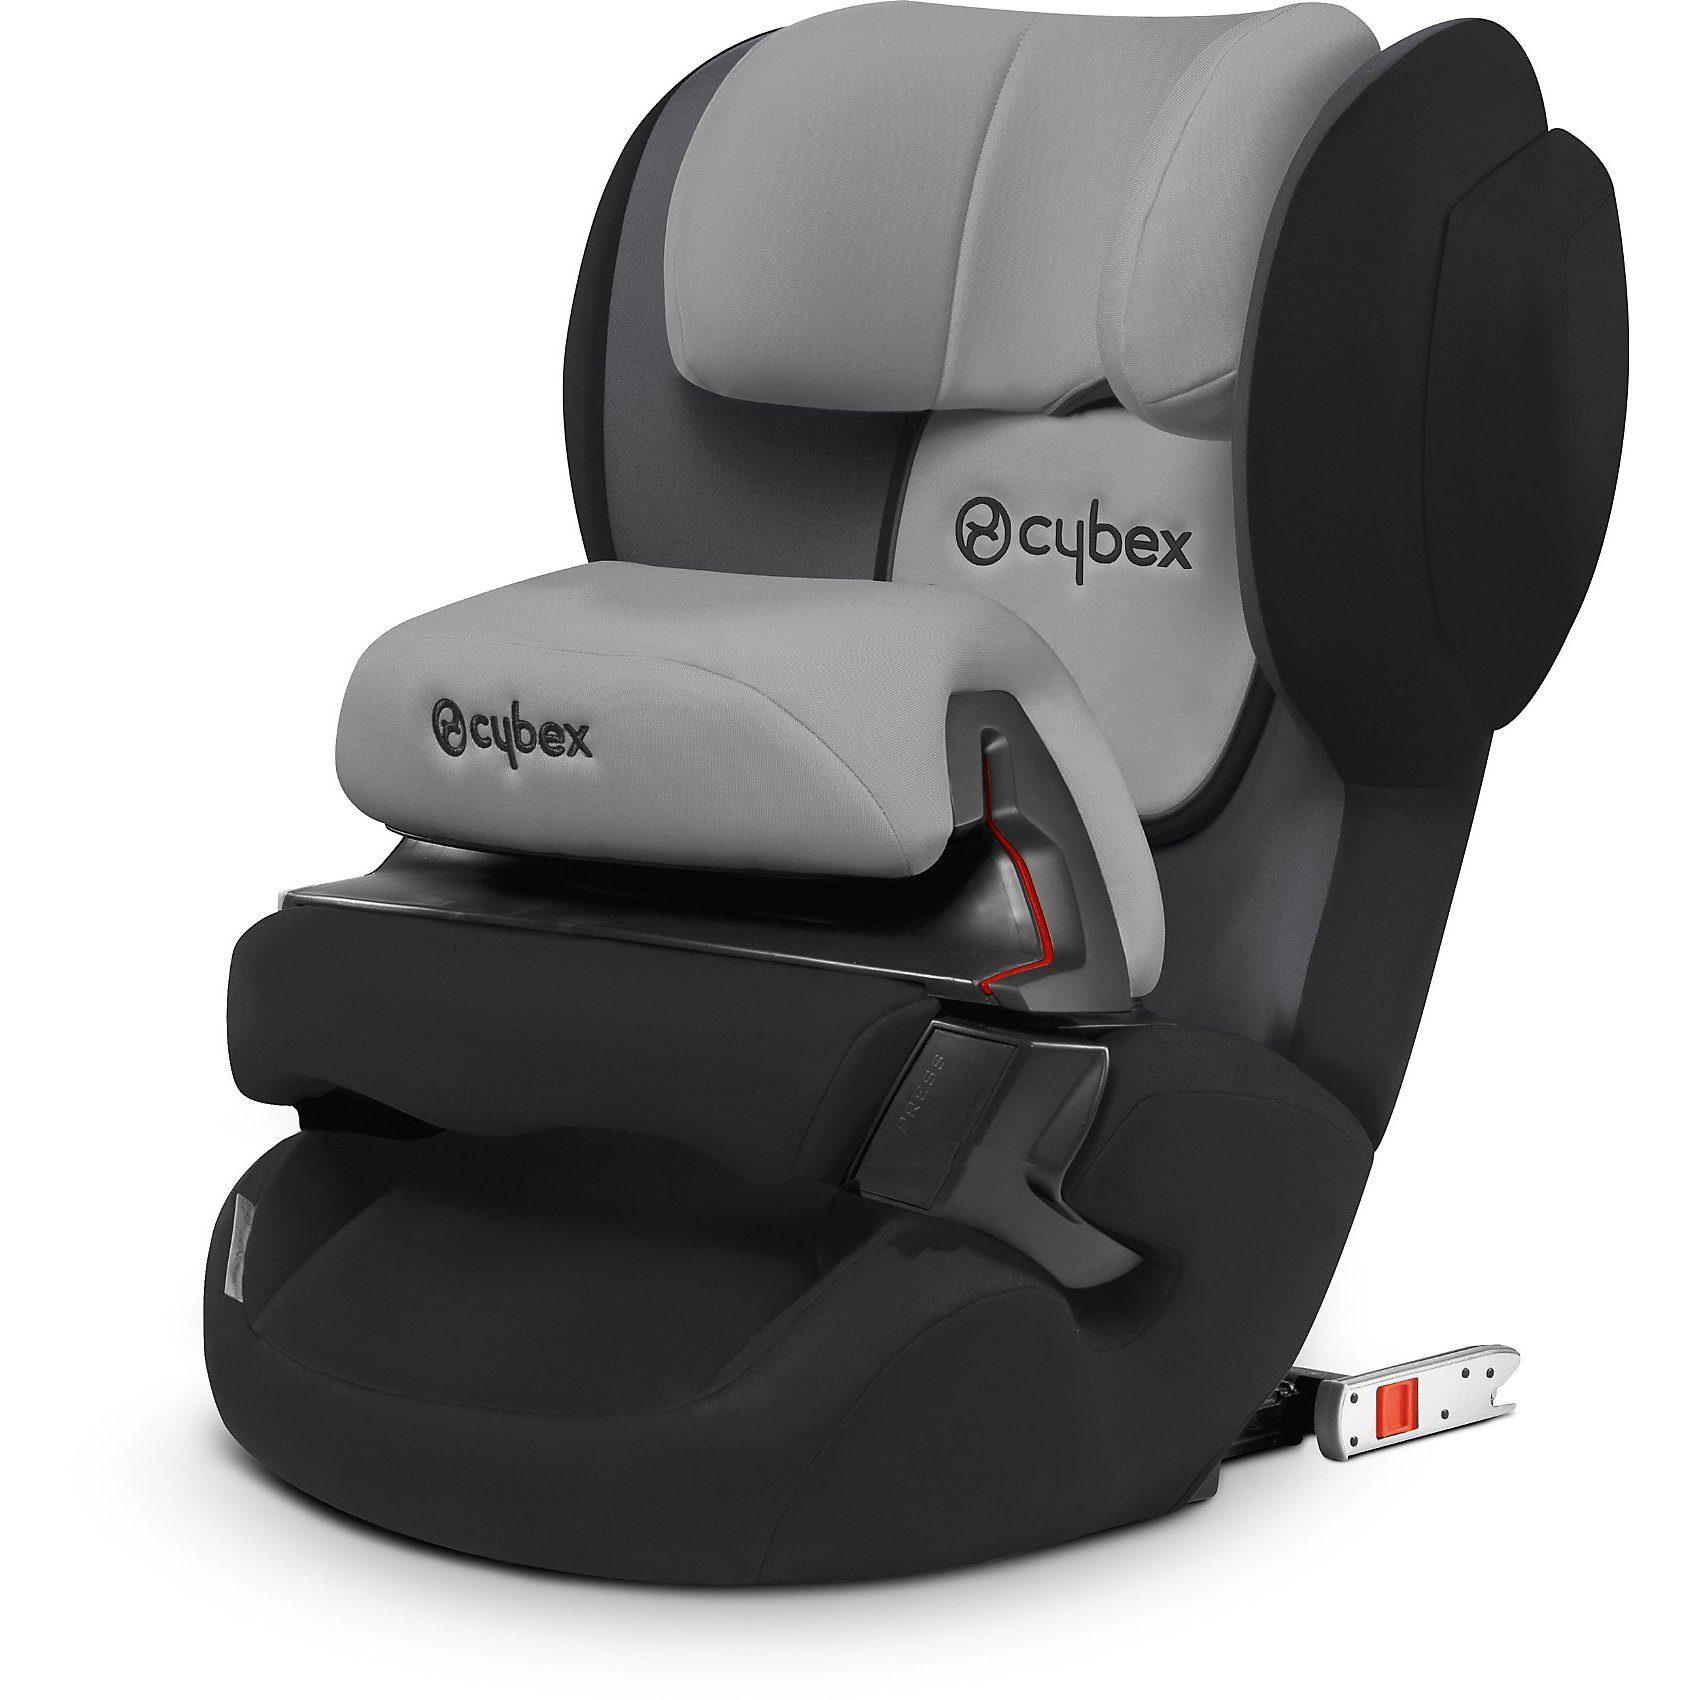 Cybex Auto-Kindersitz Juno-fix, Silver-Line, Cobblestone, 2016